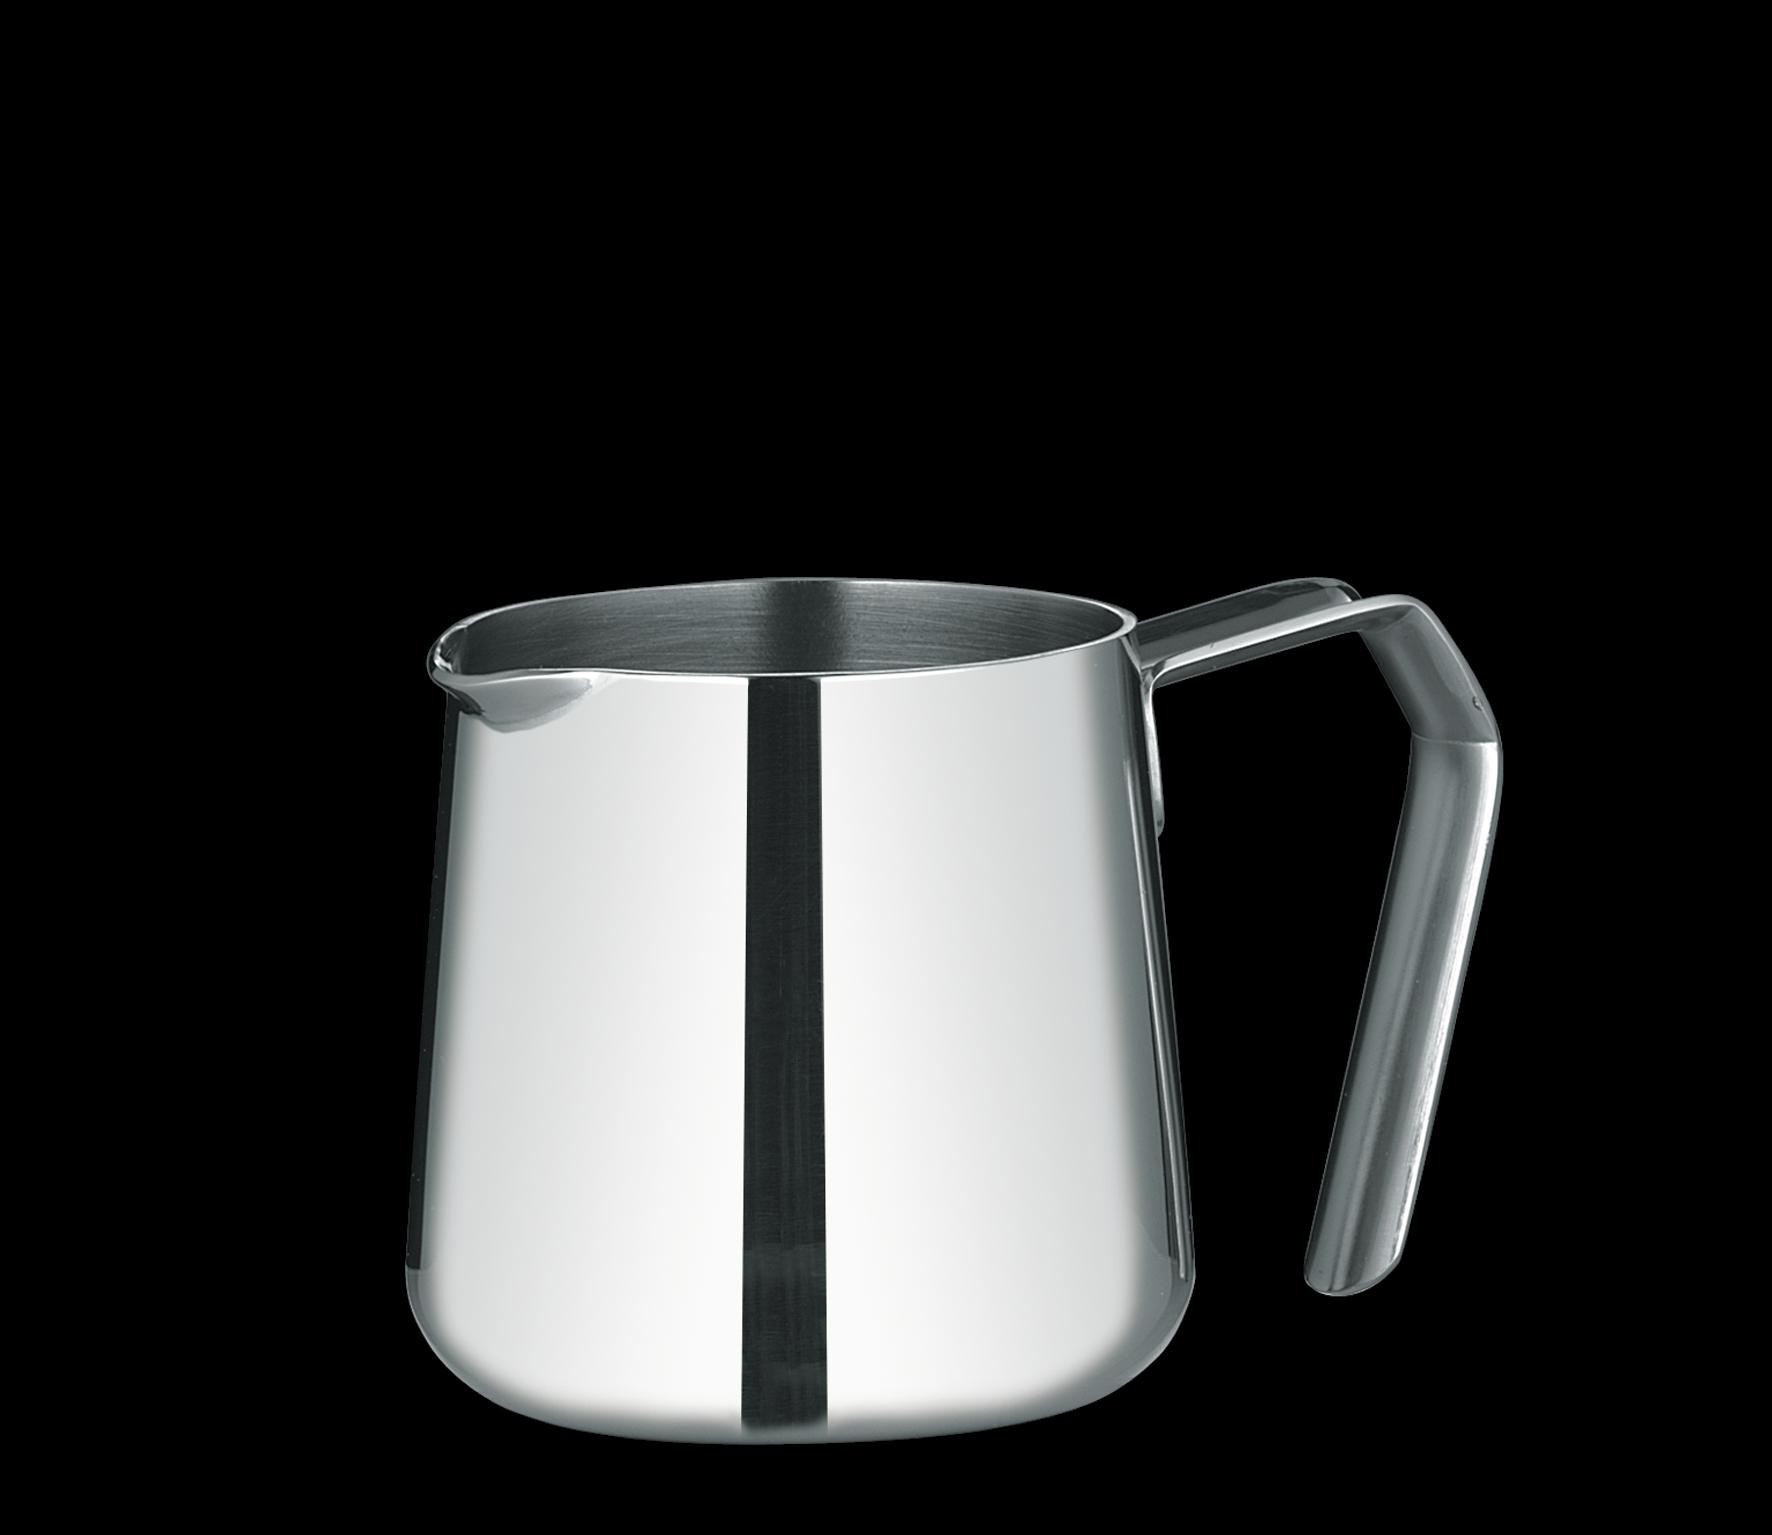 Konvička na šlehání mléka 10 cl - Cilio